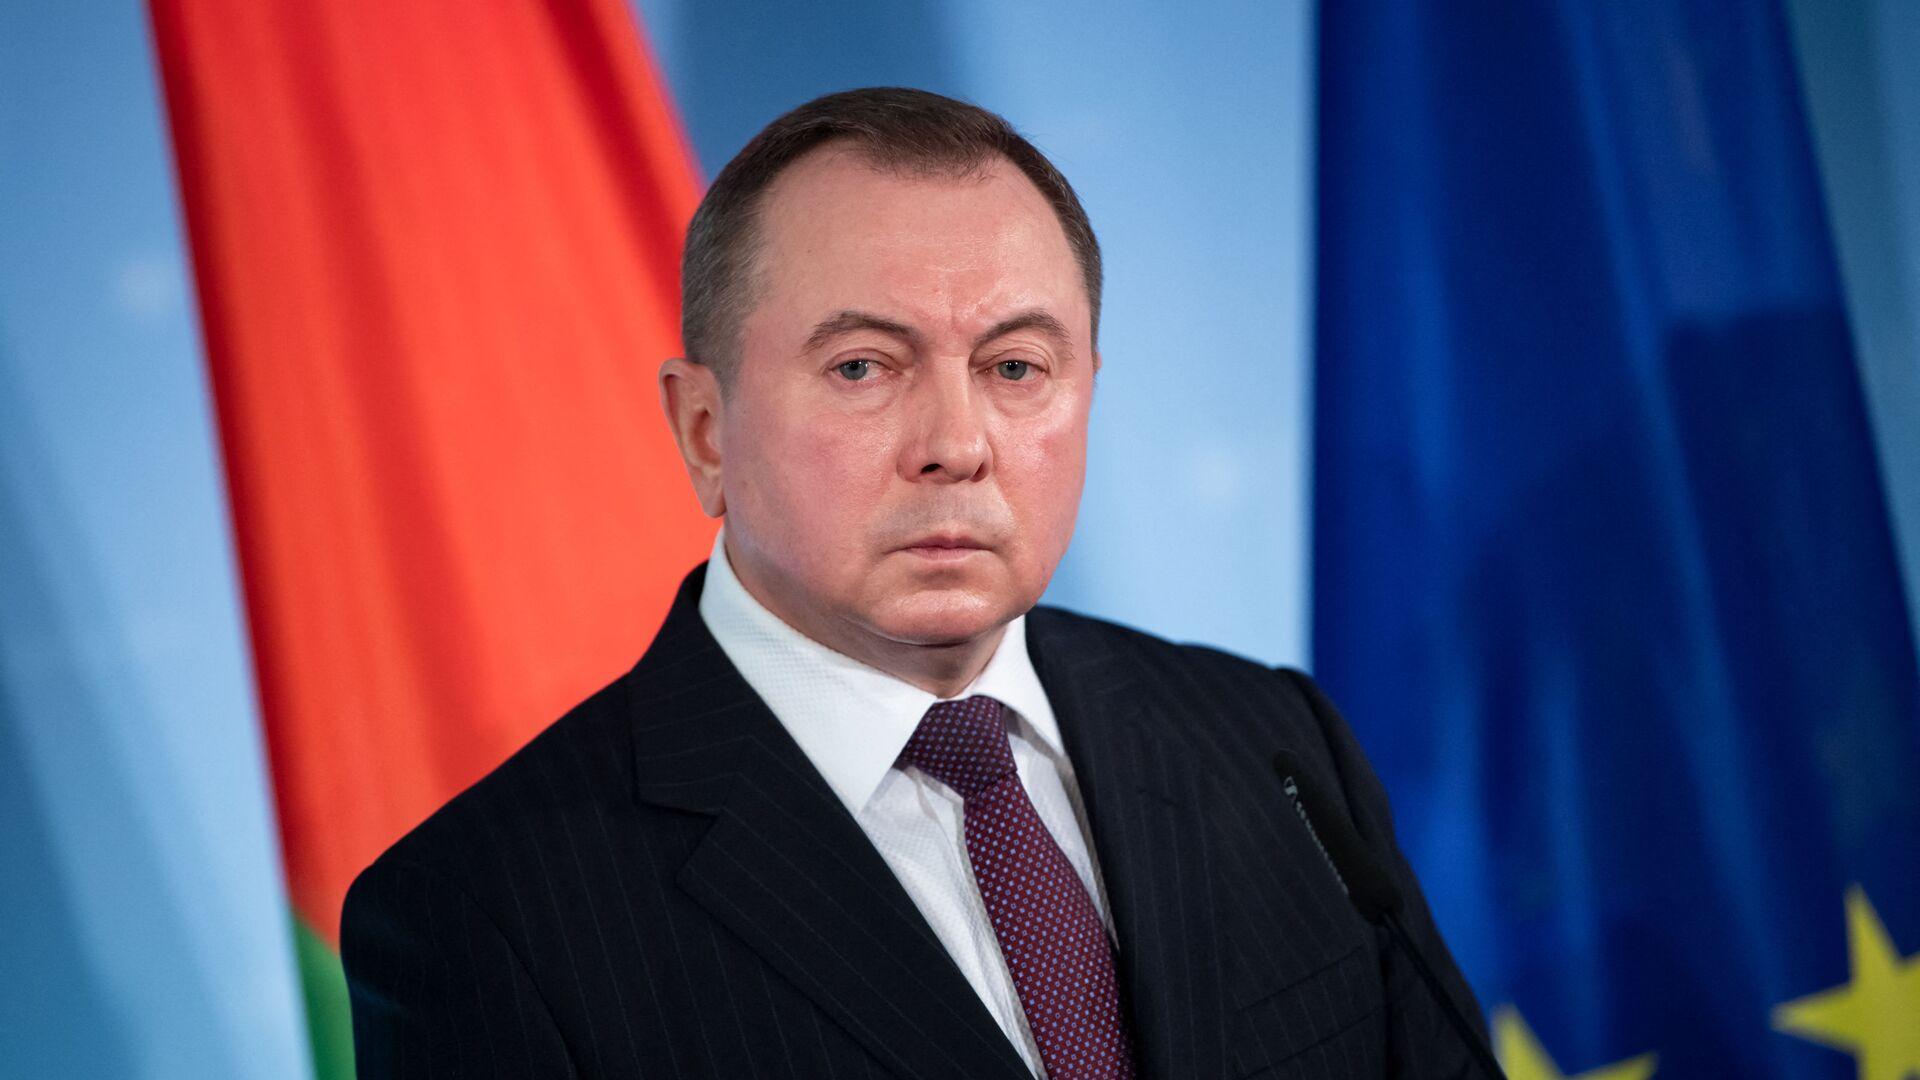 Министр иностранных дел Владимир Макей - Sputnik Беларусь, 1920, 23.09.2021